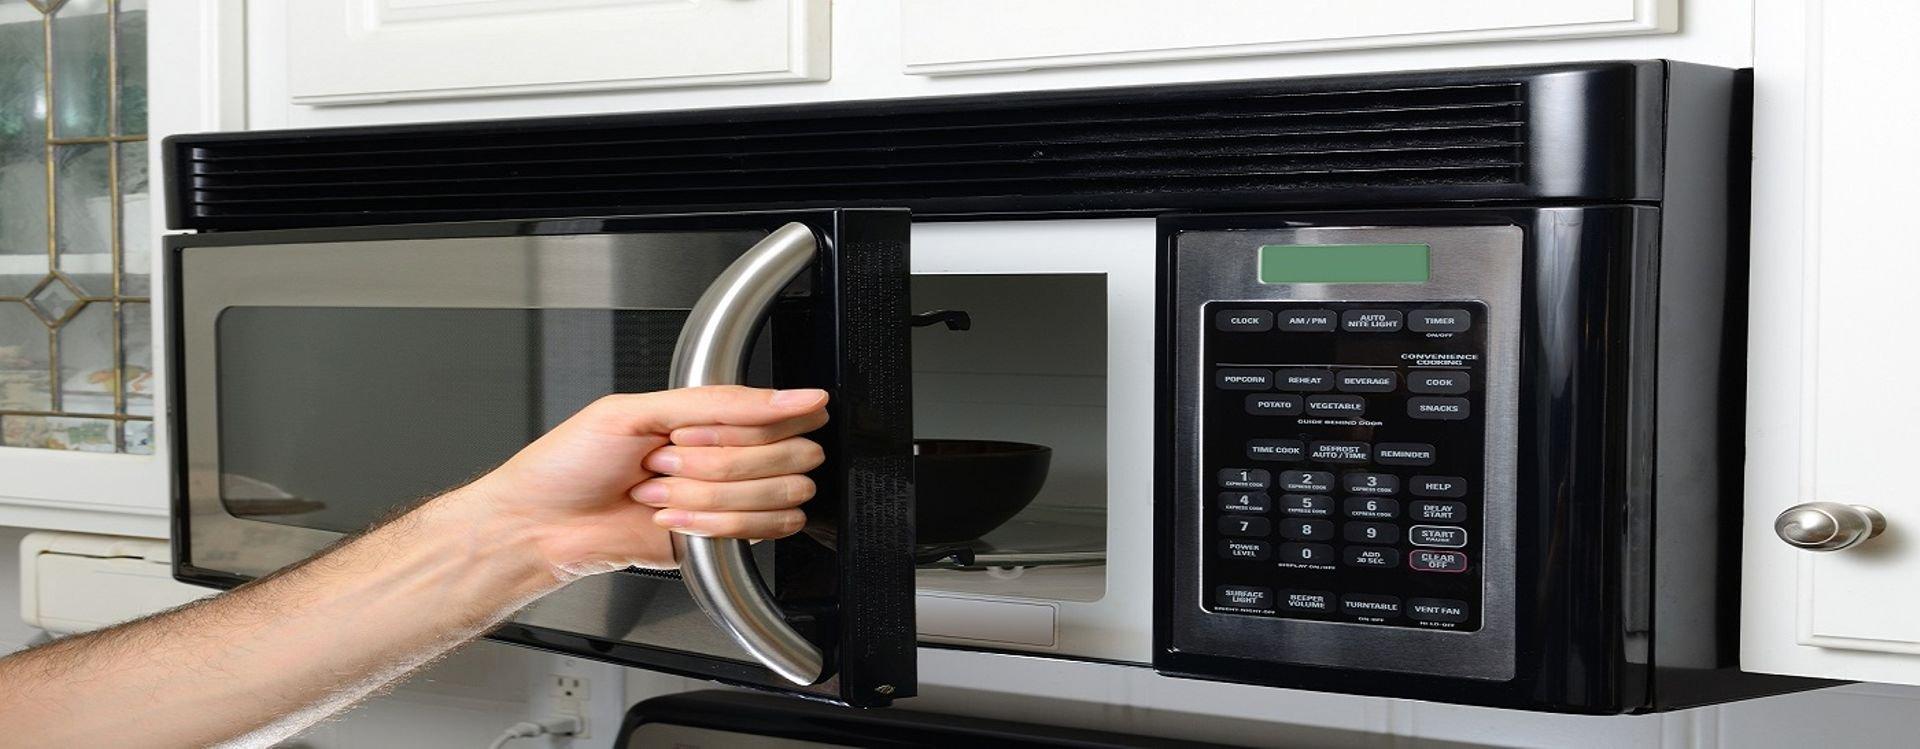 لنتعرف على استخدامات مفيدة لأجهزة المايكرويف في المنزل، استخدامات لم تسمع عنها في السابق!